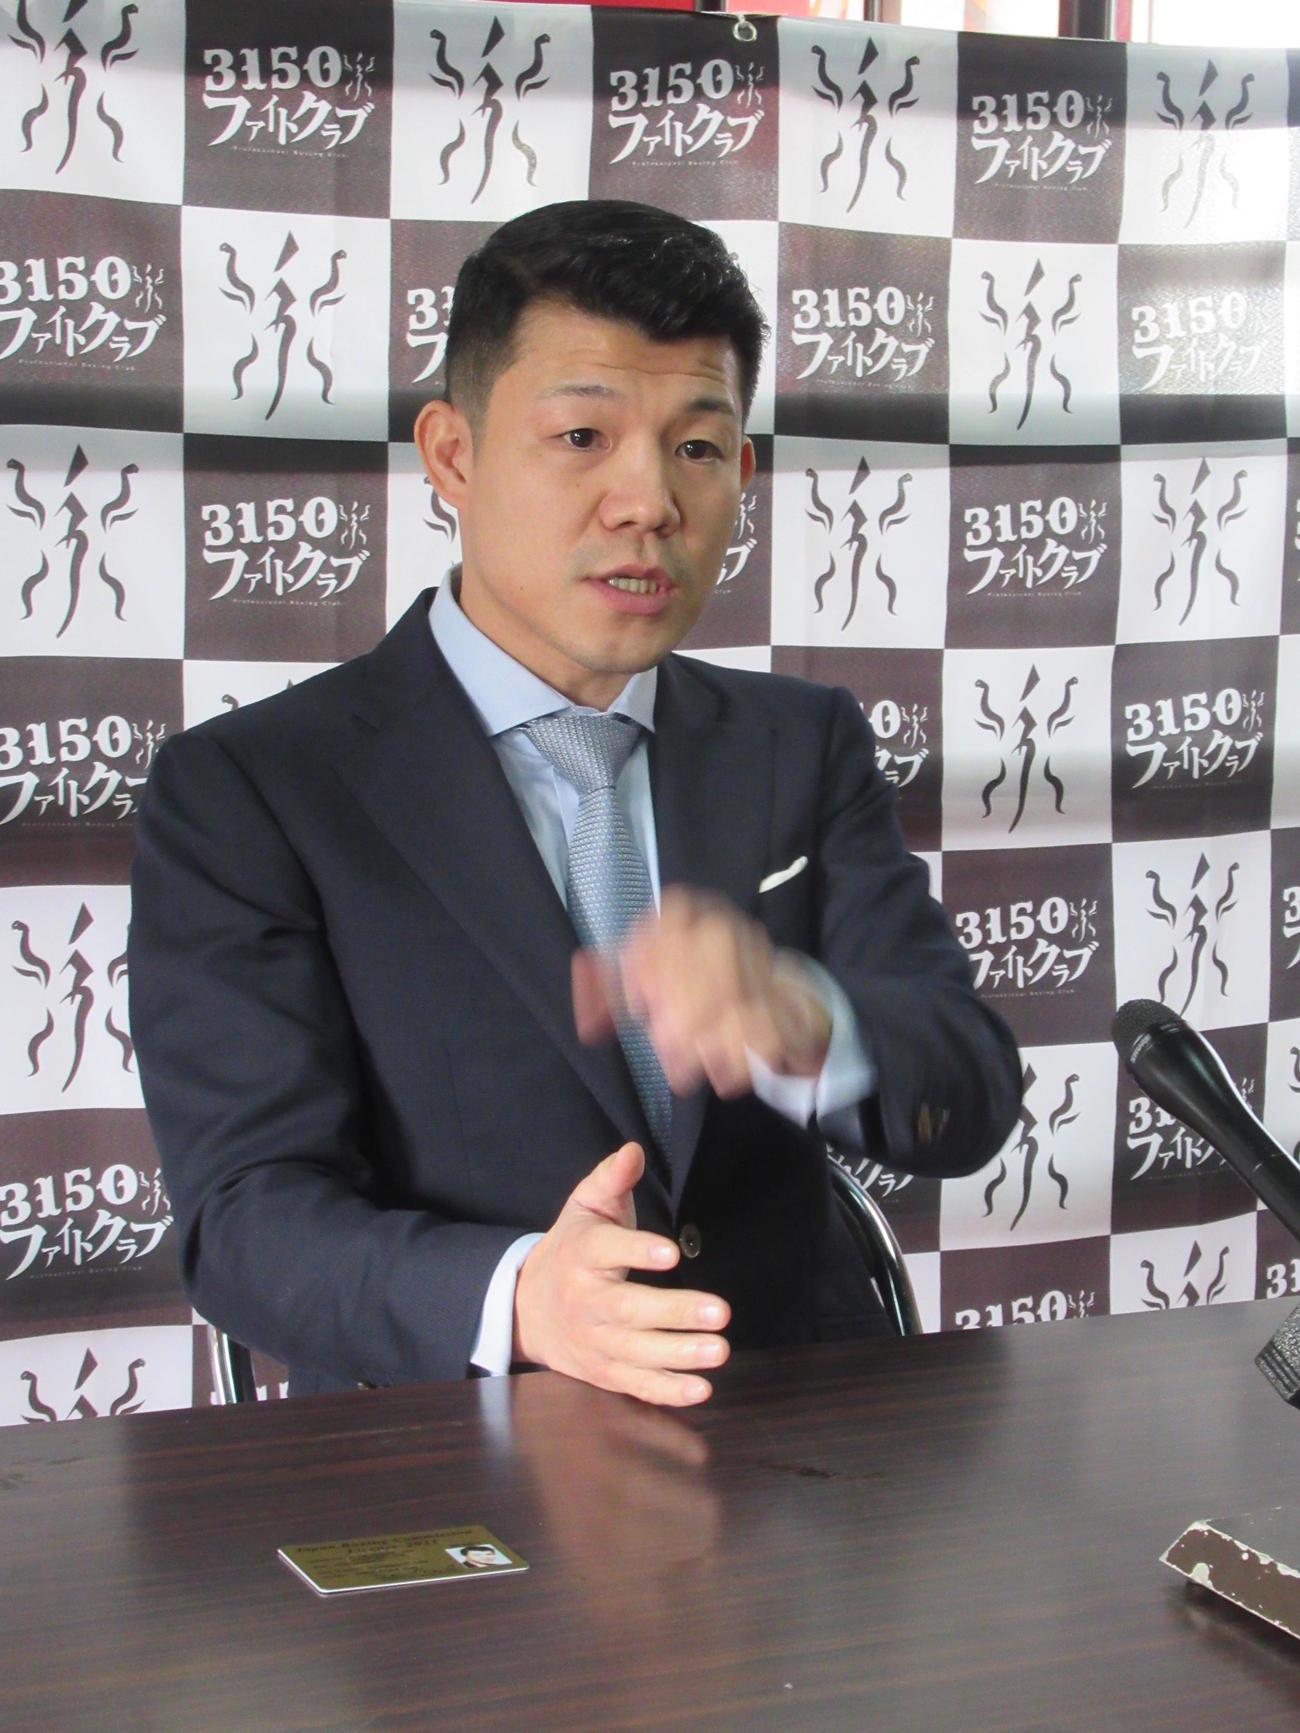 3150ファイトクラブのジム開きで会見に応じた亀田興毅会長(撮影・実藤健一)